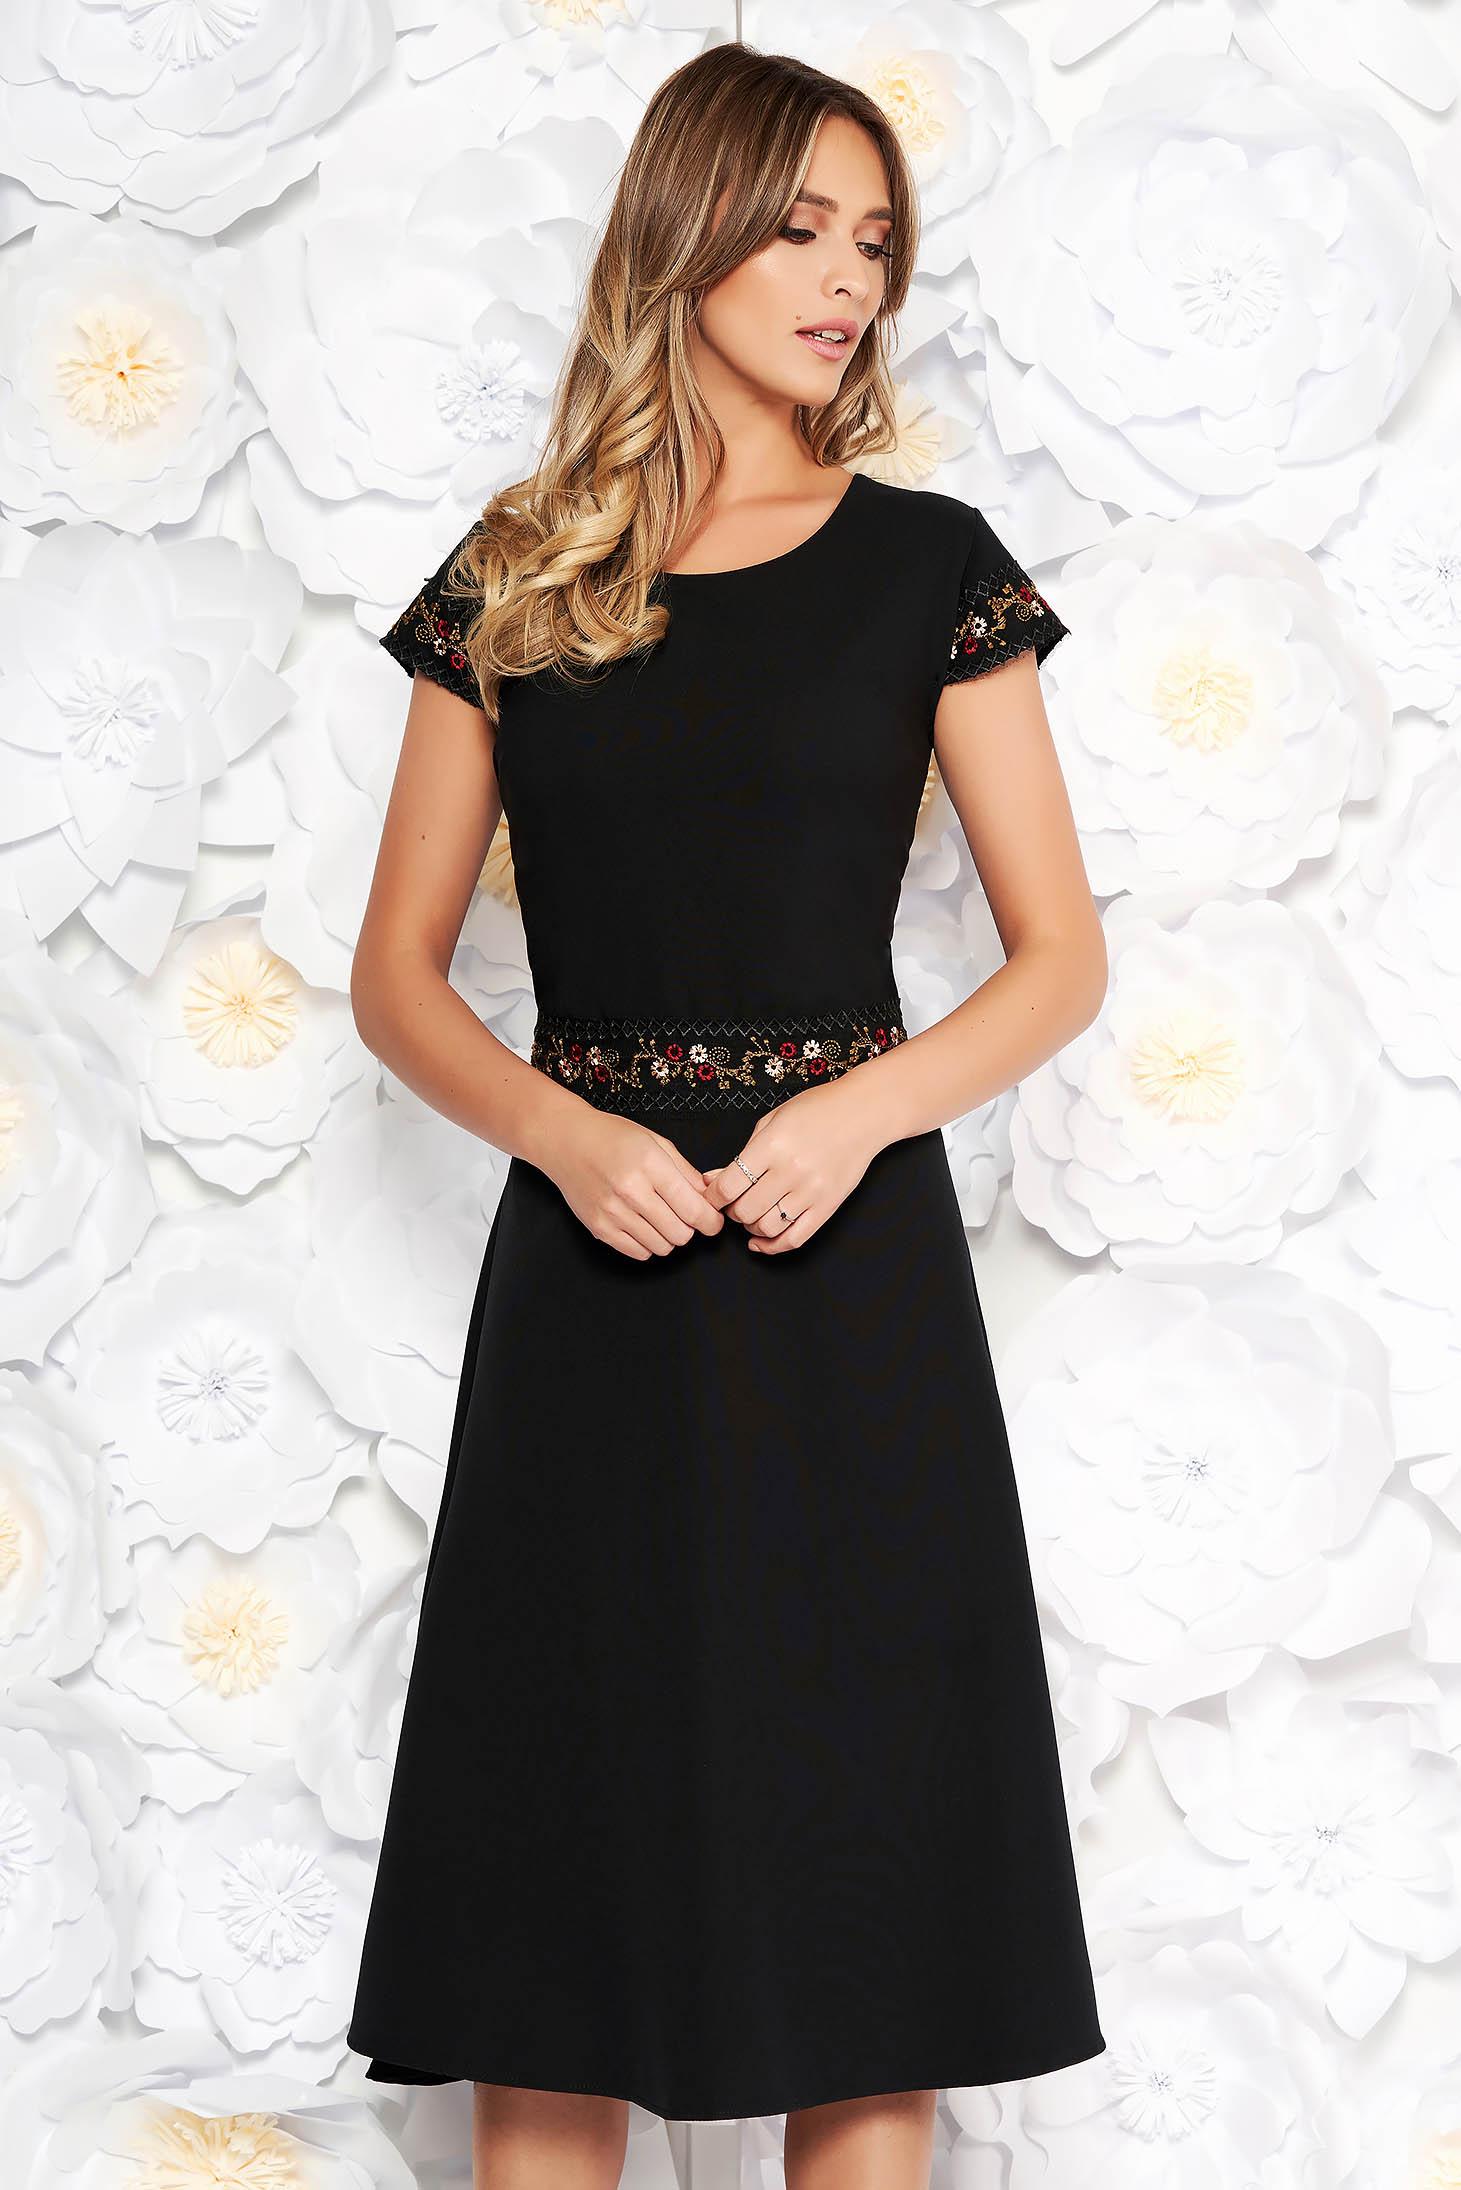 Fekete elegáns midi harang ruha enyhén elasztikus szövet hímzett betétekkel